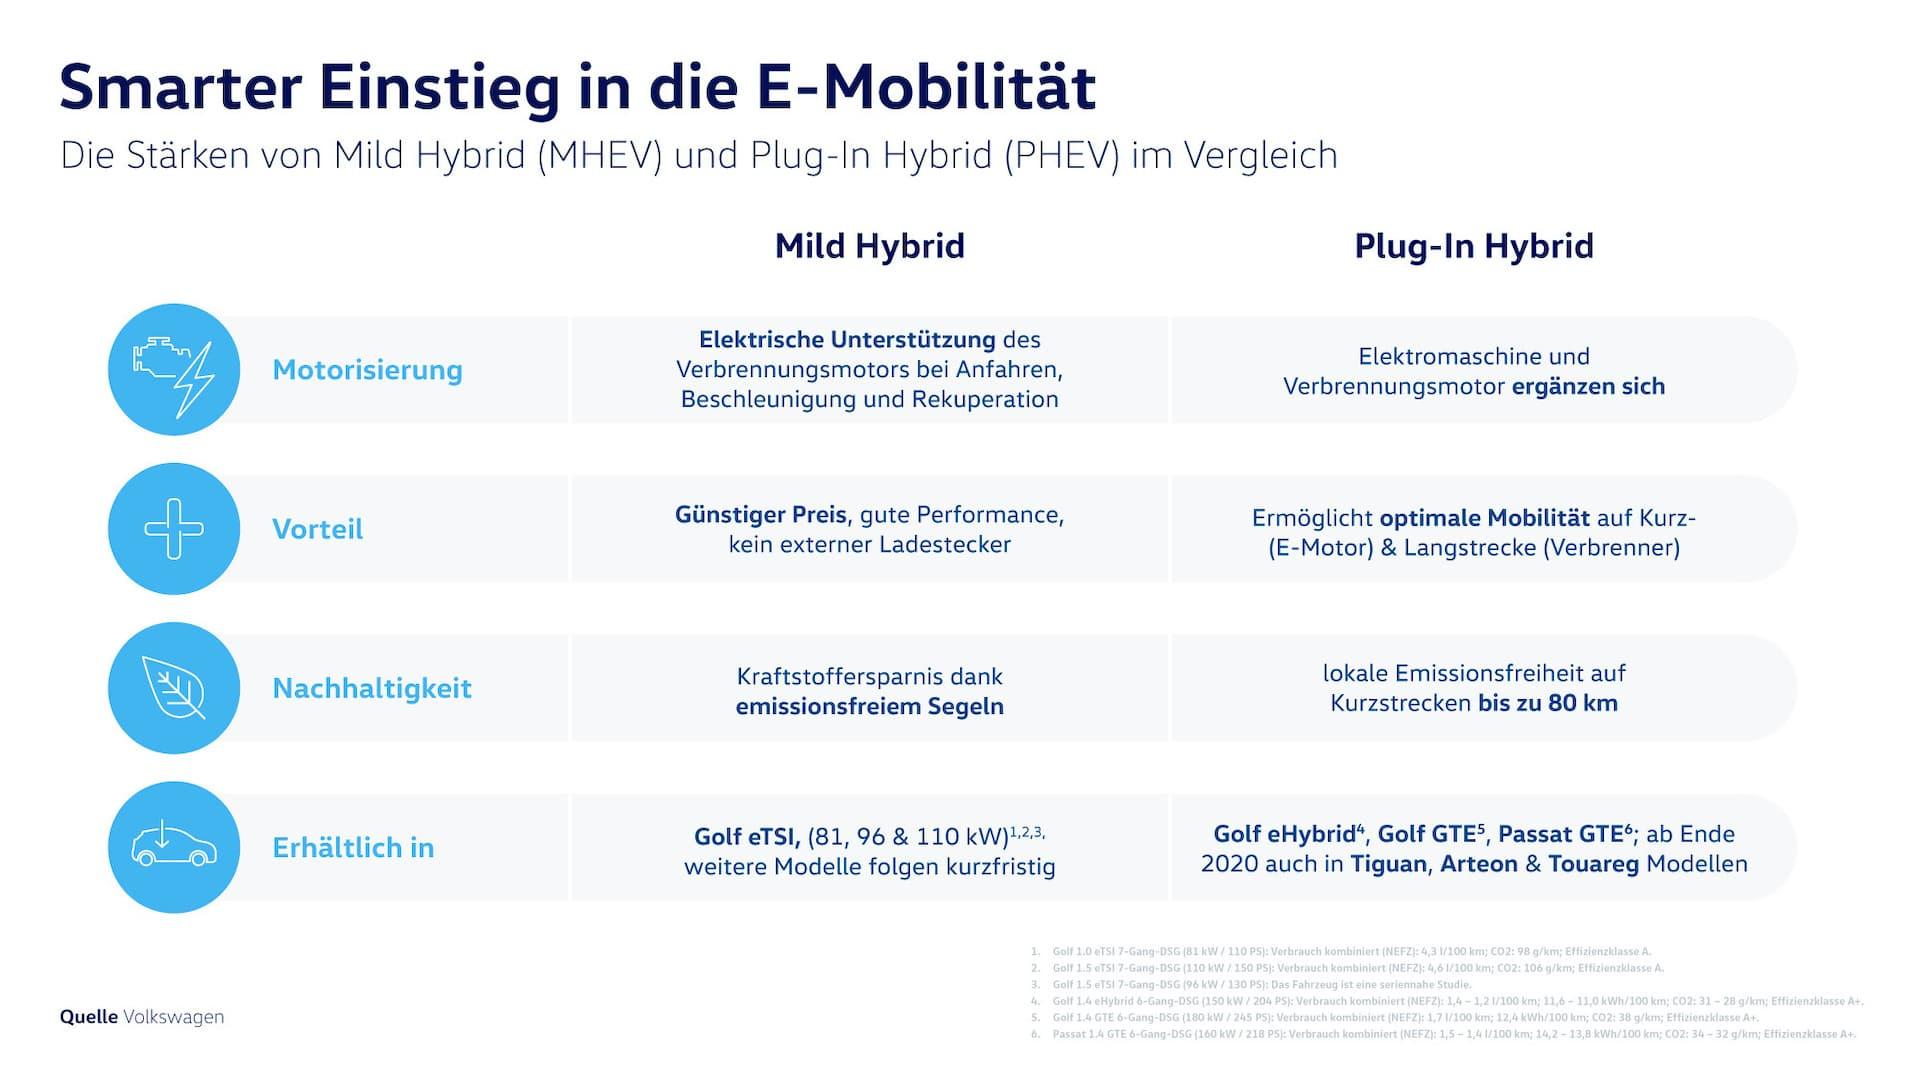 Volkswagen Mildhybrid Plug-in-Hybrid Vergleich